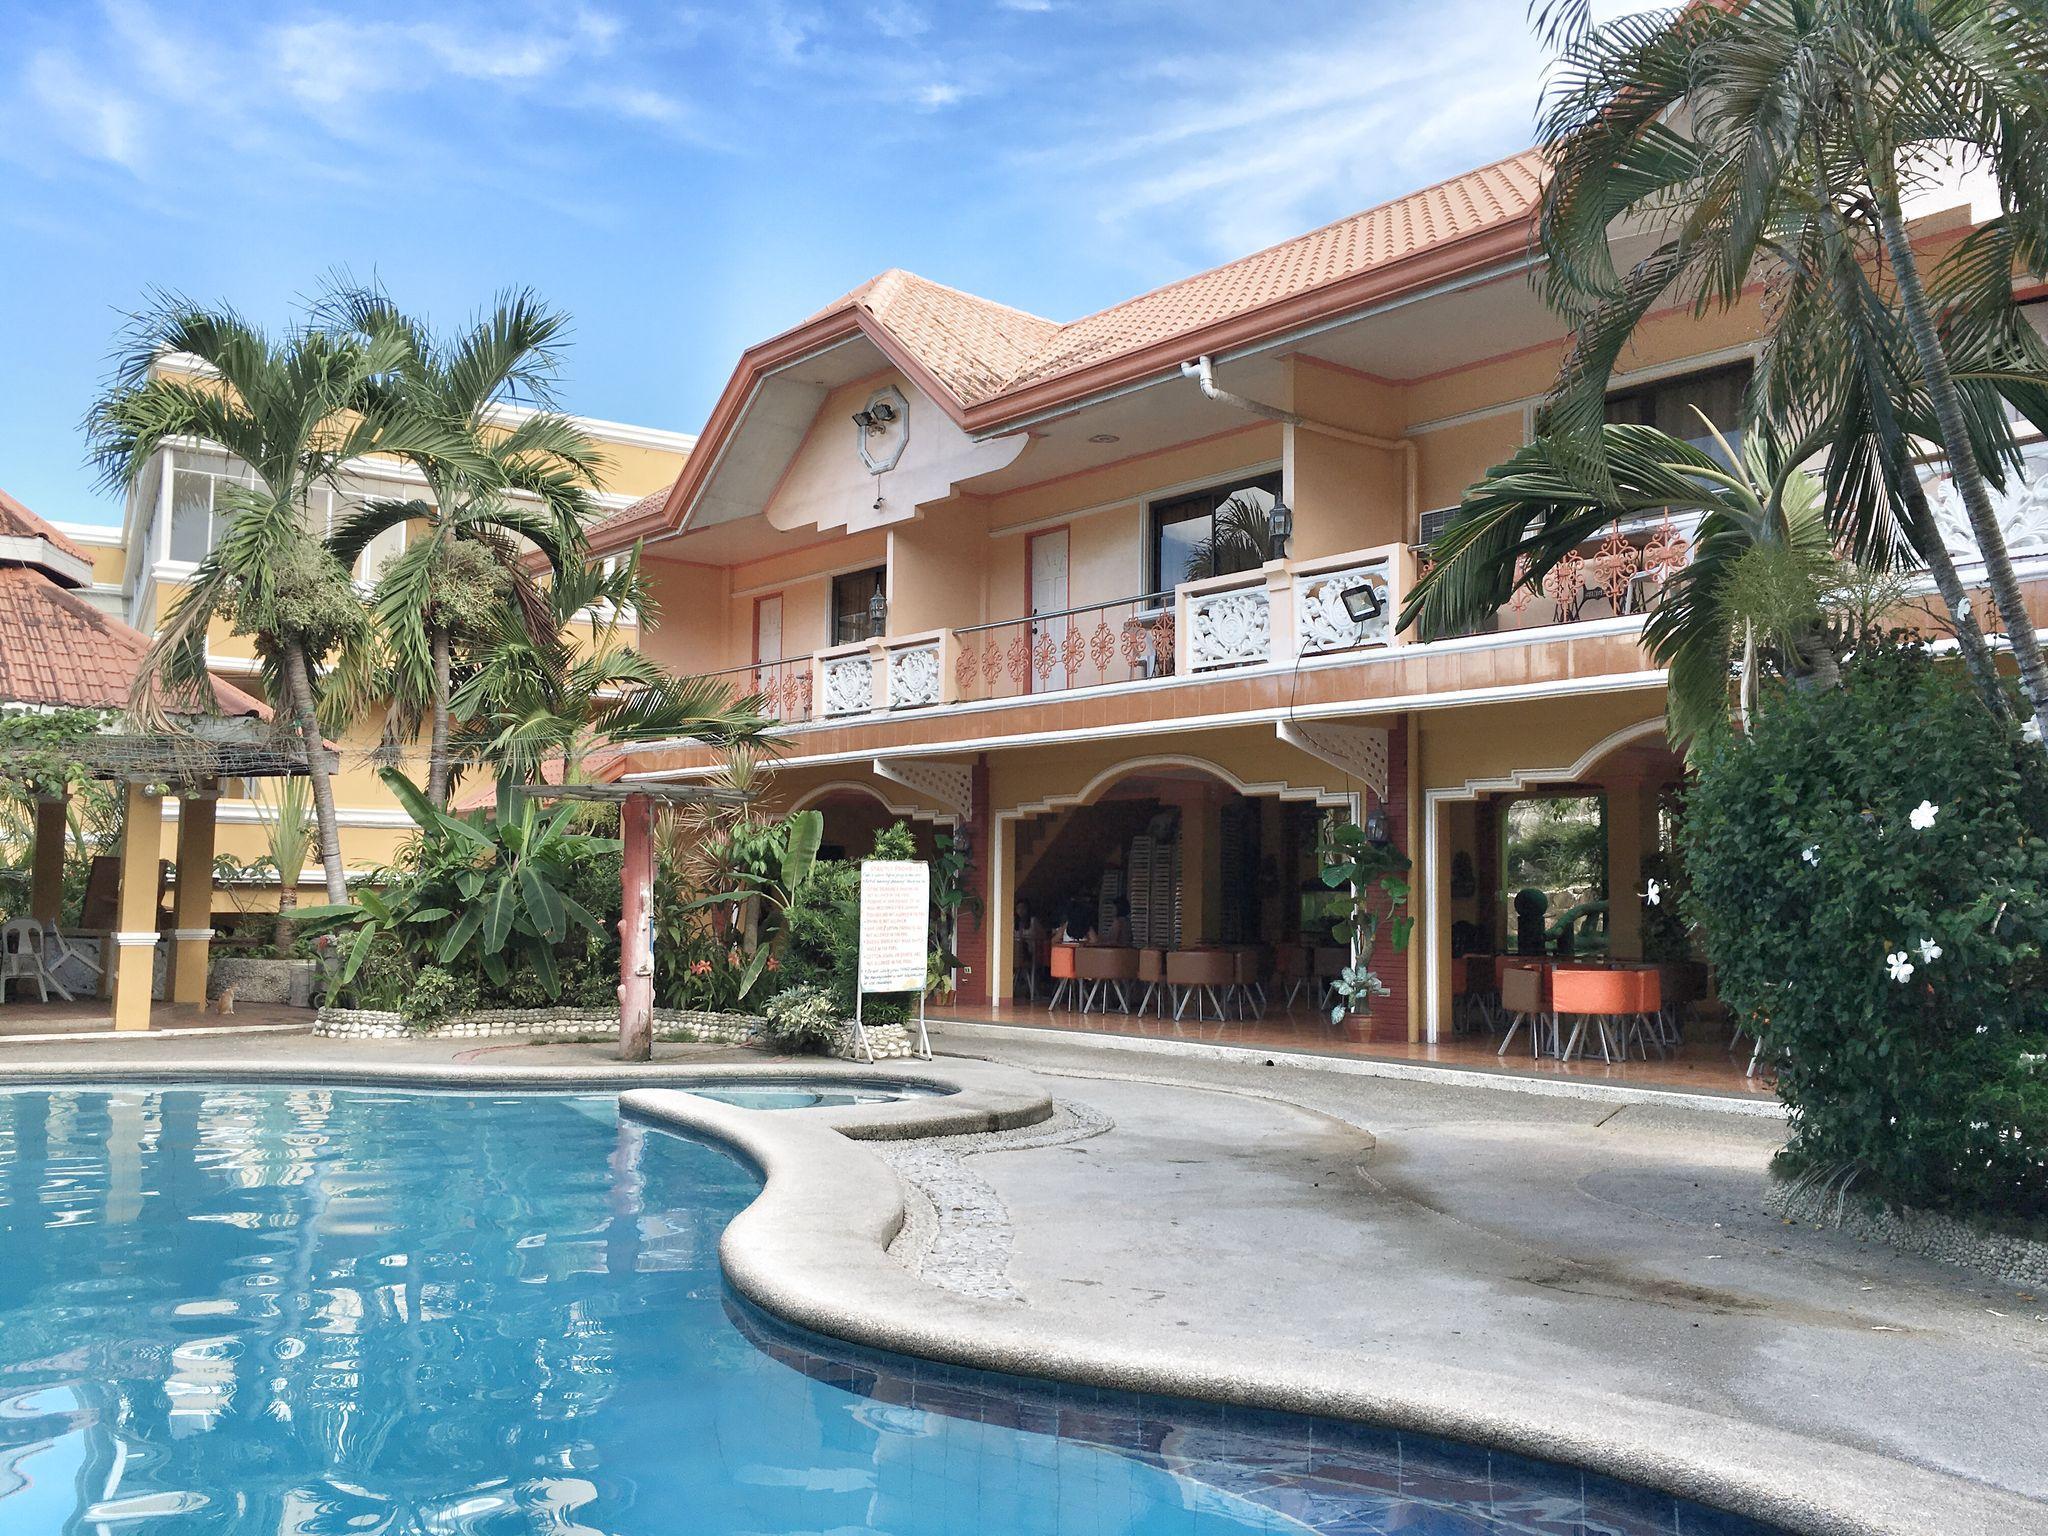 Gertes Resort Hotel And Restaurant